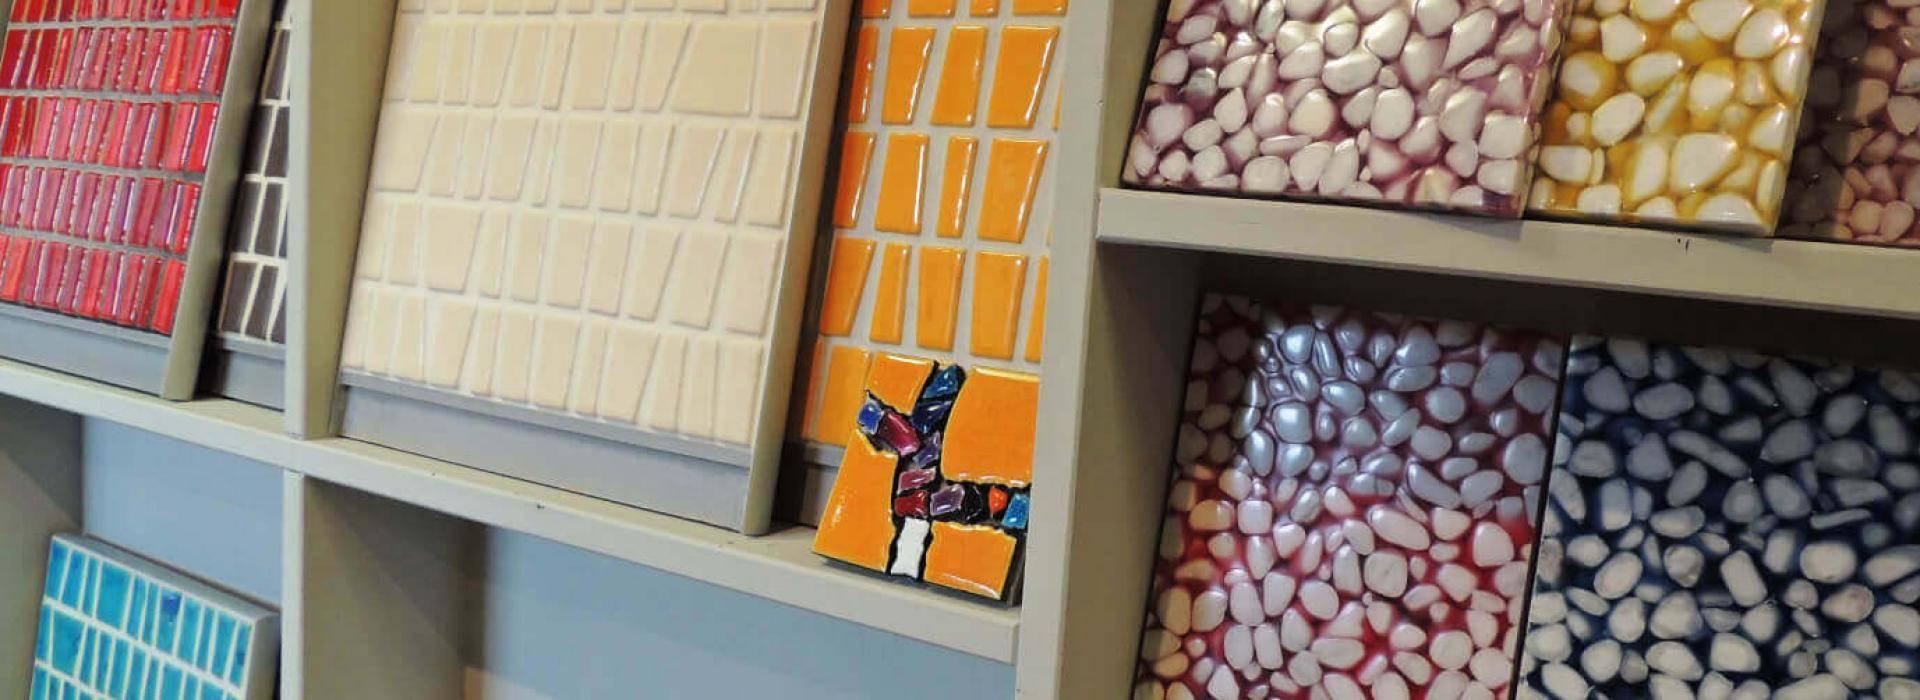 Ceramiche e Mosaici da Andreani a Sondrio